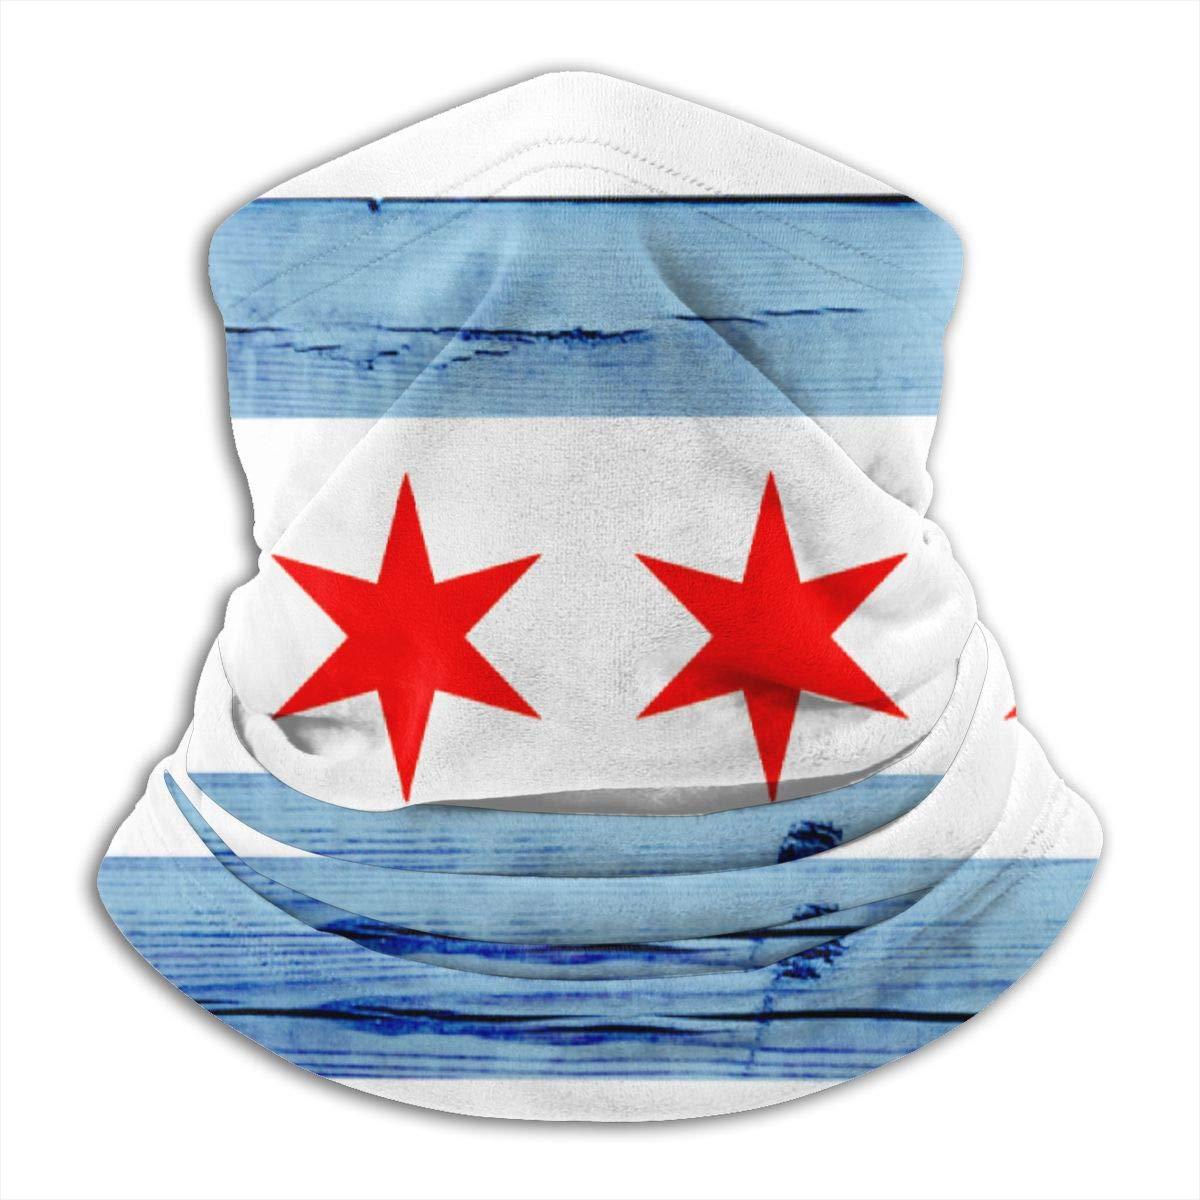 Bandera de Chicago textura de madera cuello polaina de esquí Balaclava máscara de clima frío cara máscara sombreros de invierno sombreros para hombres mujeres negro